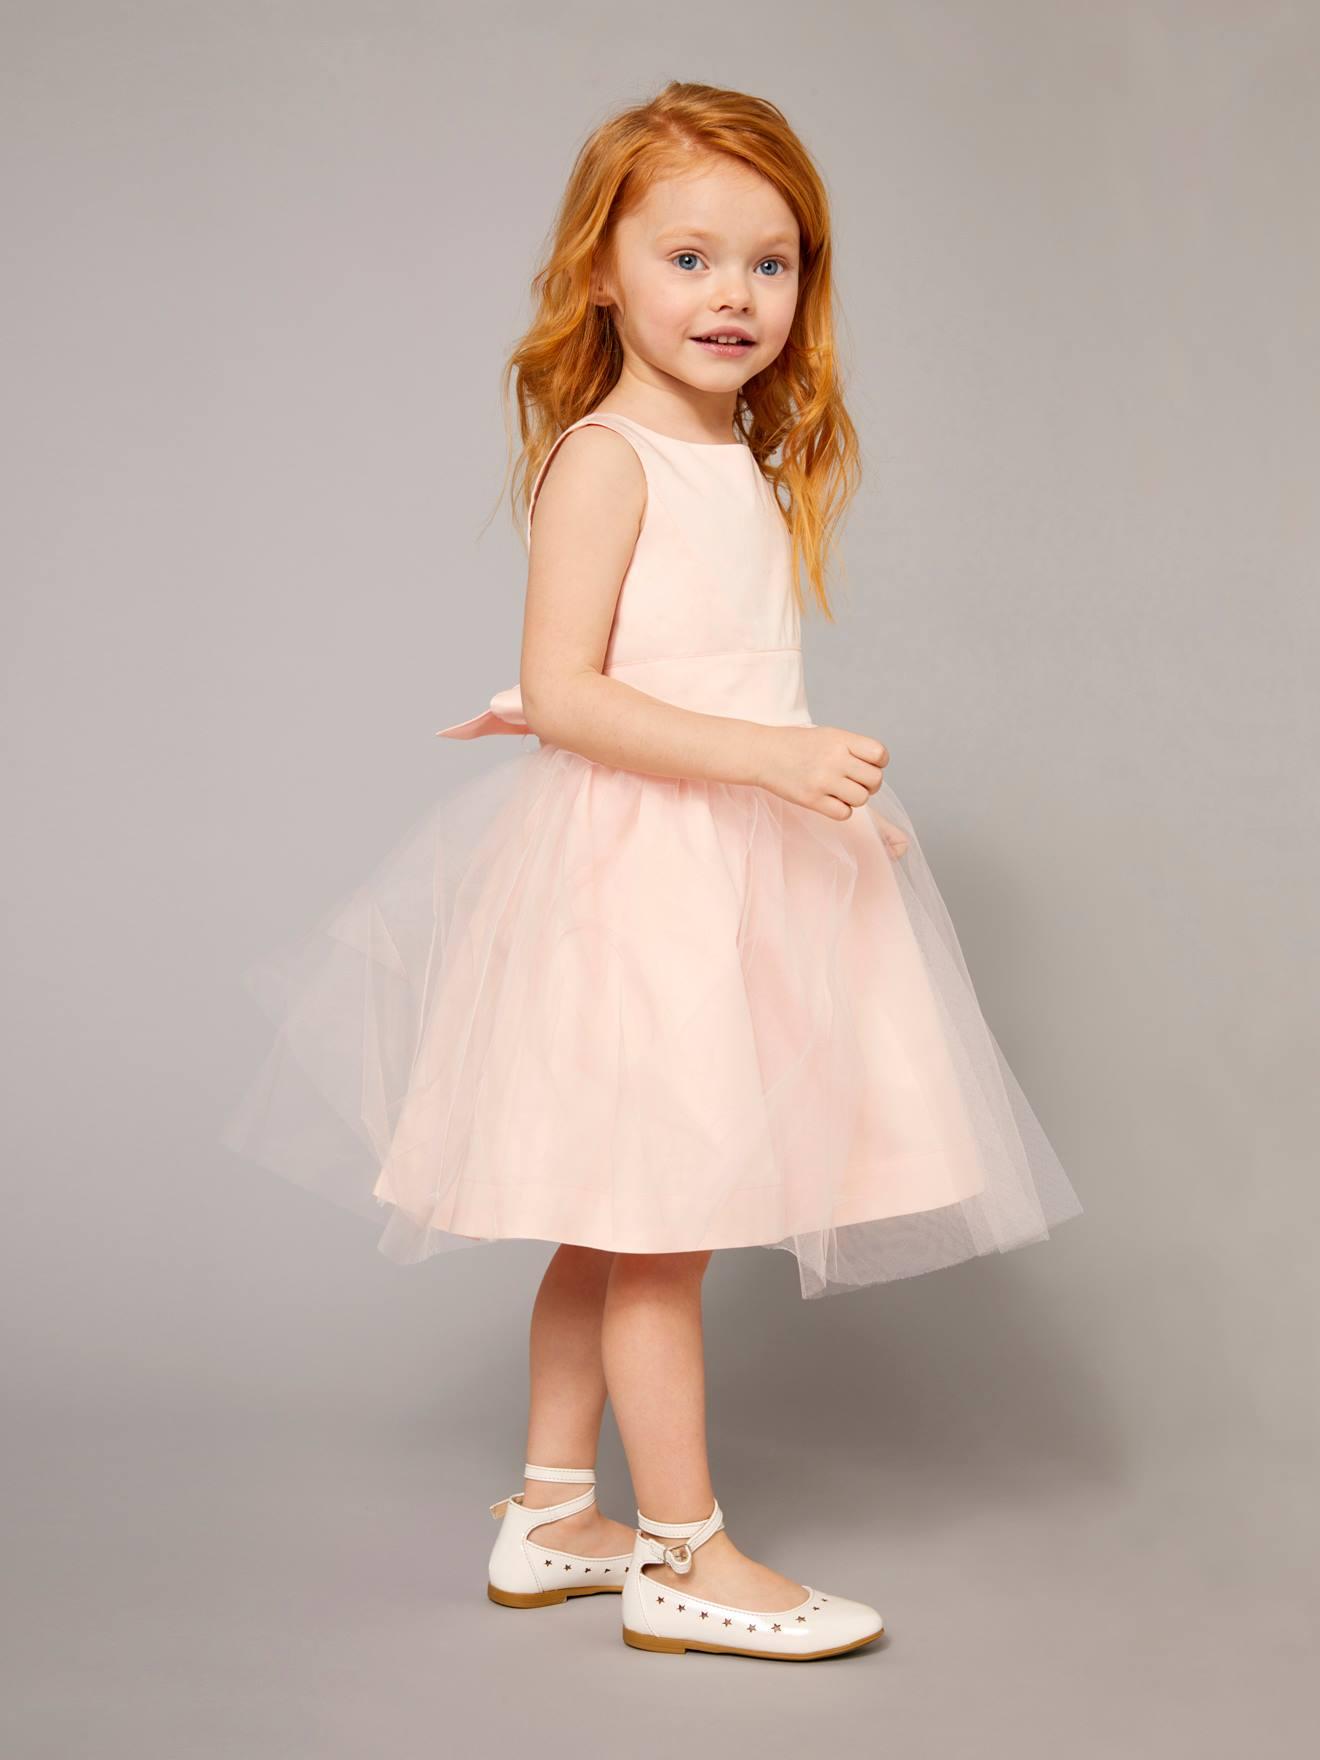 f19f6c26f4ee4 Robe de ceremonie petite fille vertbaudet – Robes de soirée ...